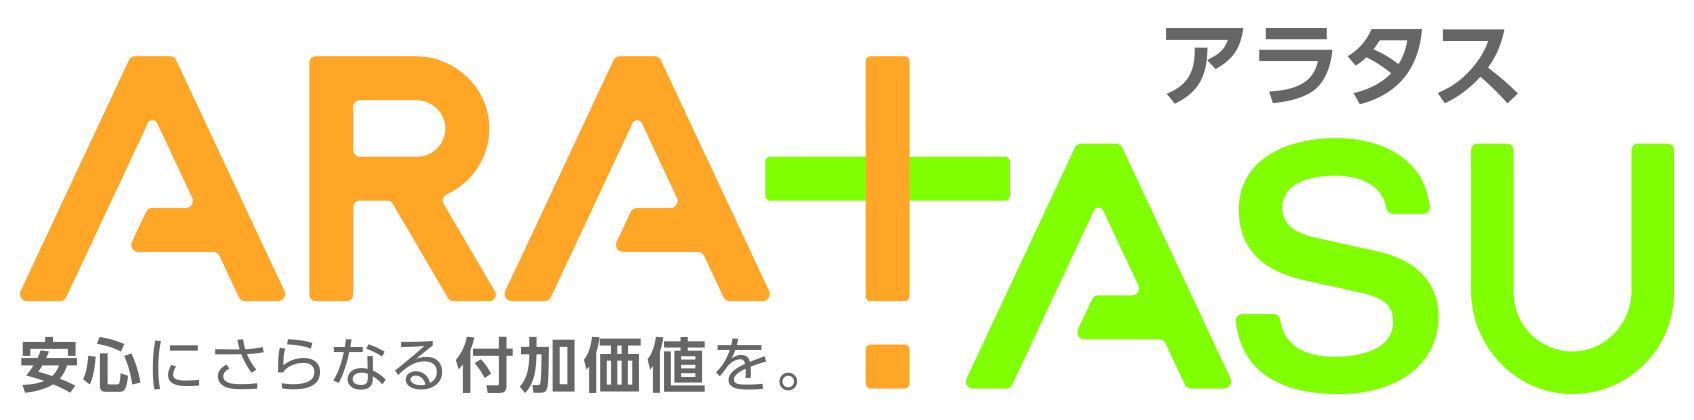 【株式会社 アラタス】安心にさらなる付加価値を。